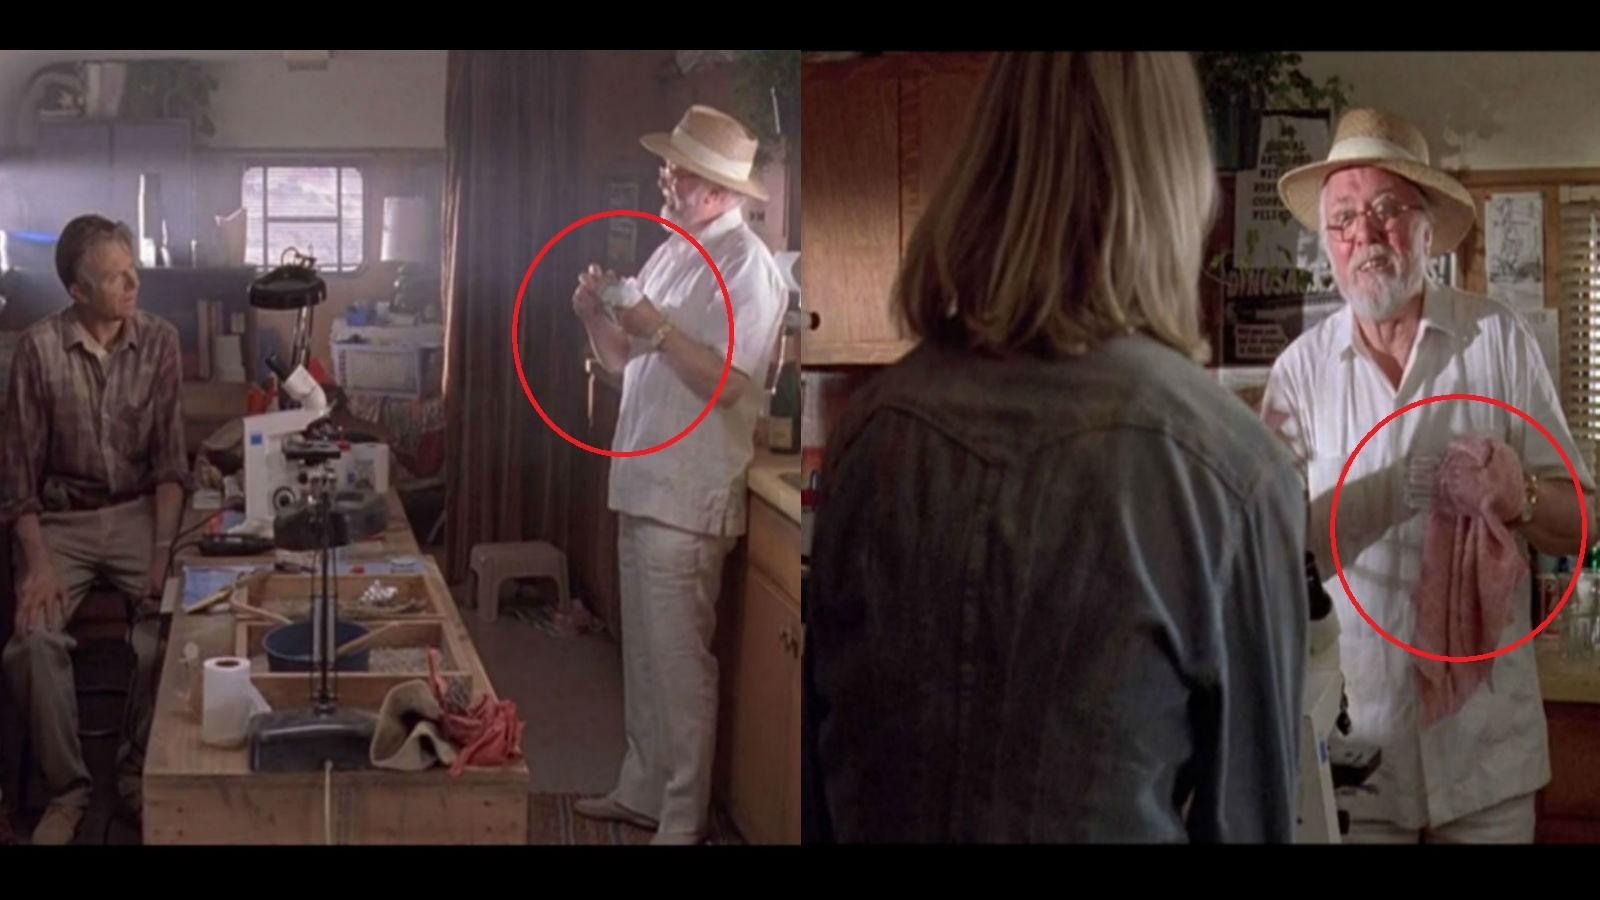 Miután Ellie, Alan és Hammond belépnek a lakókocsiba, Hammond elhatározza, hogy felbontja Ellie és Alan pezsgőjét. El is kezd pár poharat törölgetni, és a törlőruha a következő vágásnál már varázsütésre rózsaszíné válik! (Universal Pictures)